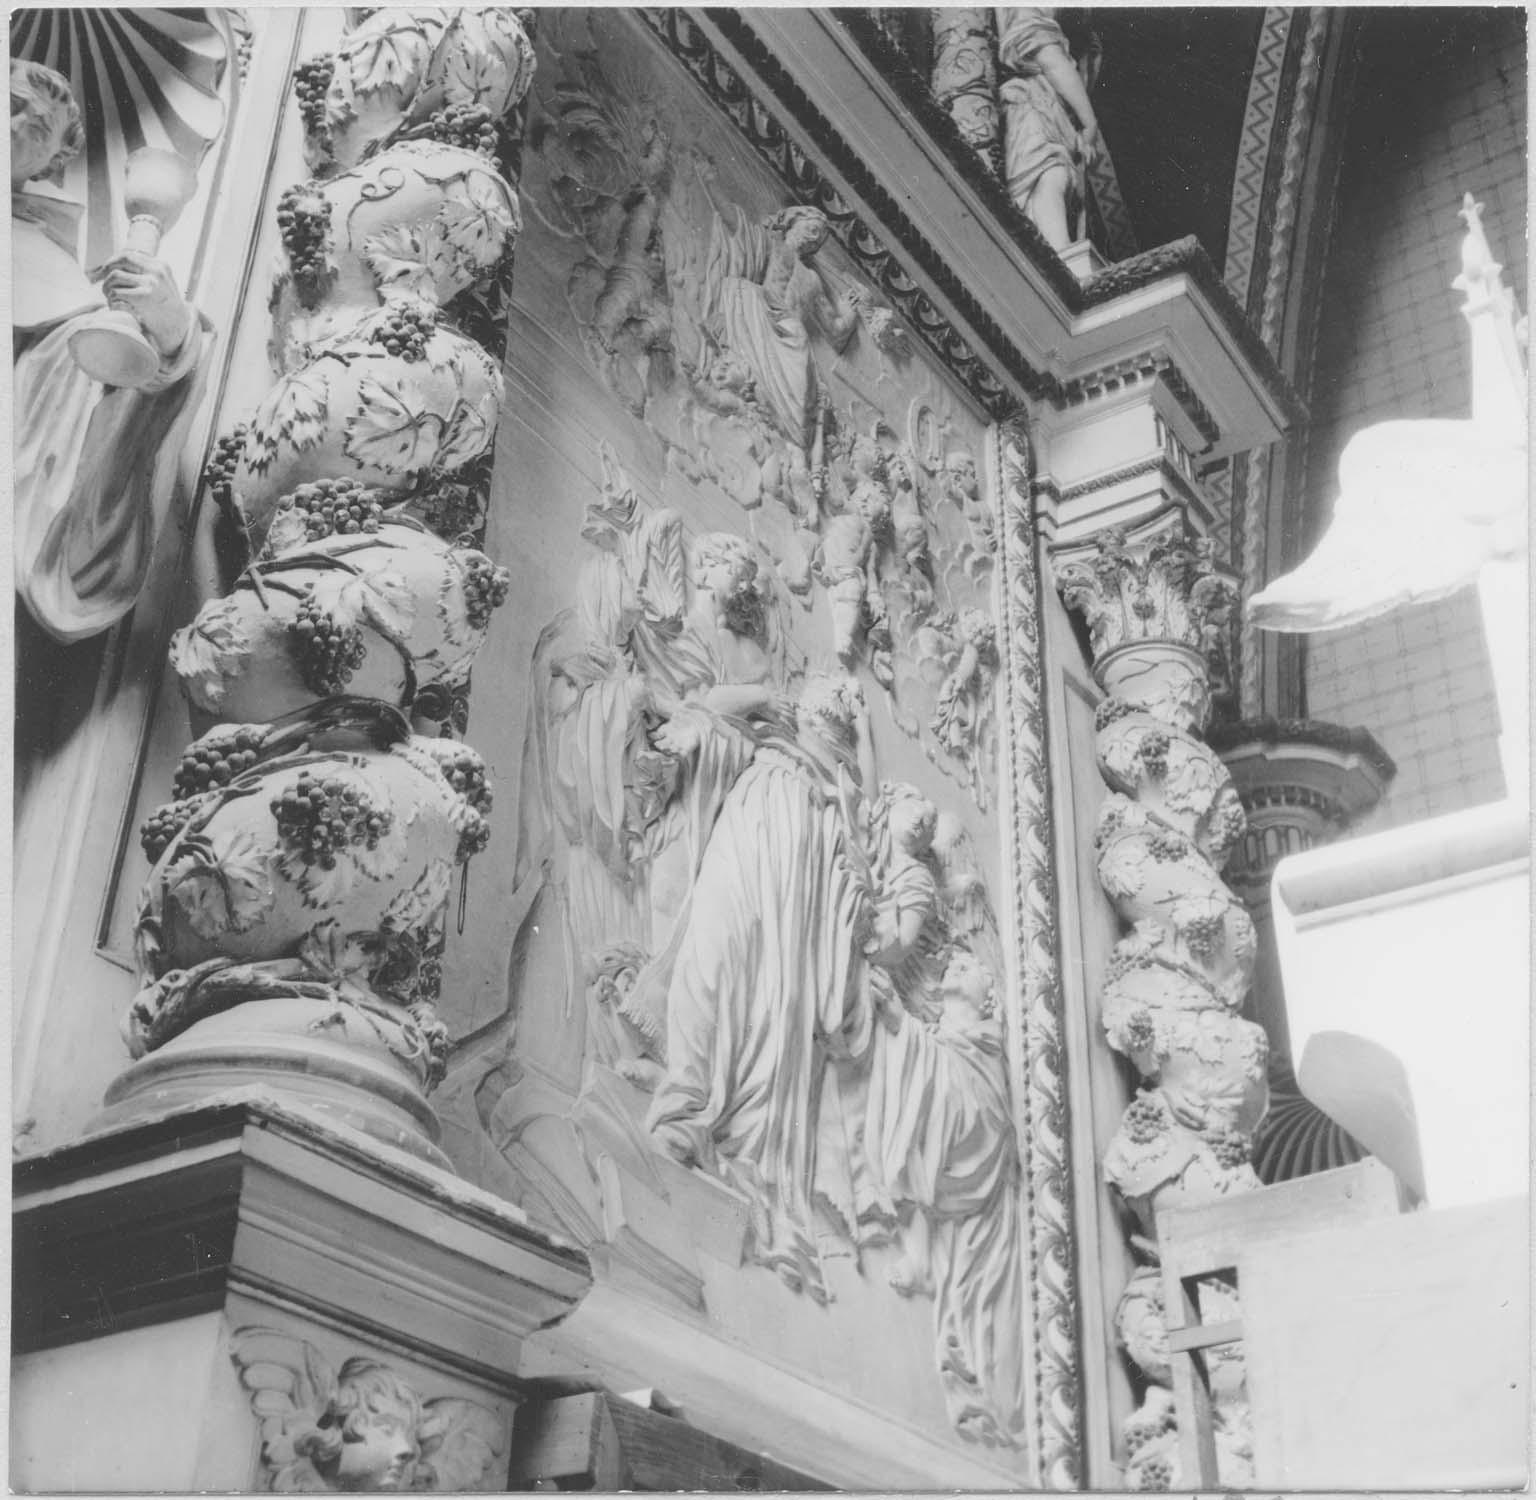 retable du maître-autel, haut-relief: Jésus apparaissant à saint Augustin